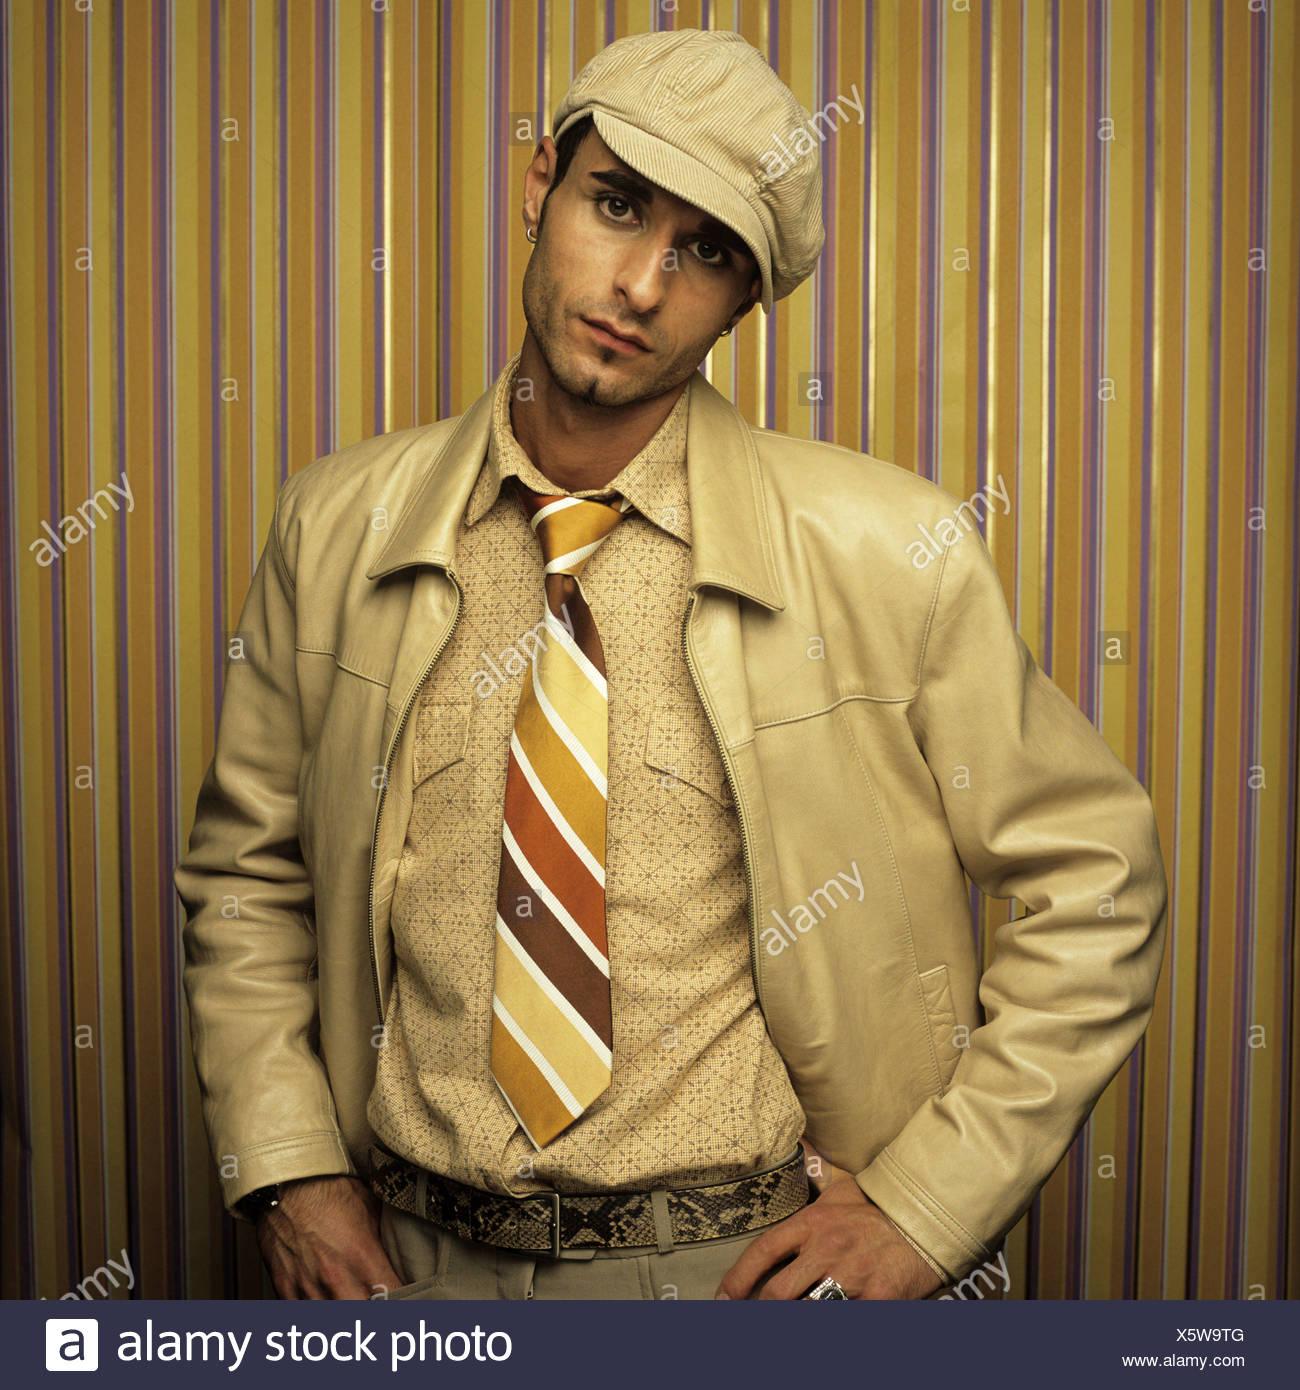 Uomo con cappuccio, uno stile rétro Immagini Stock